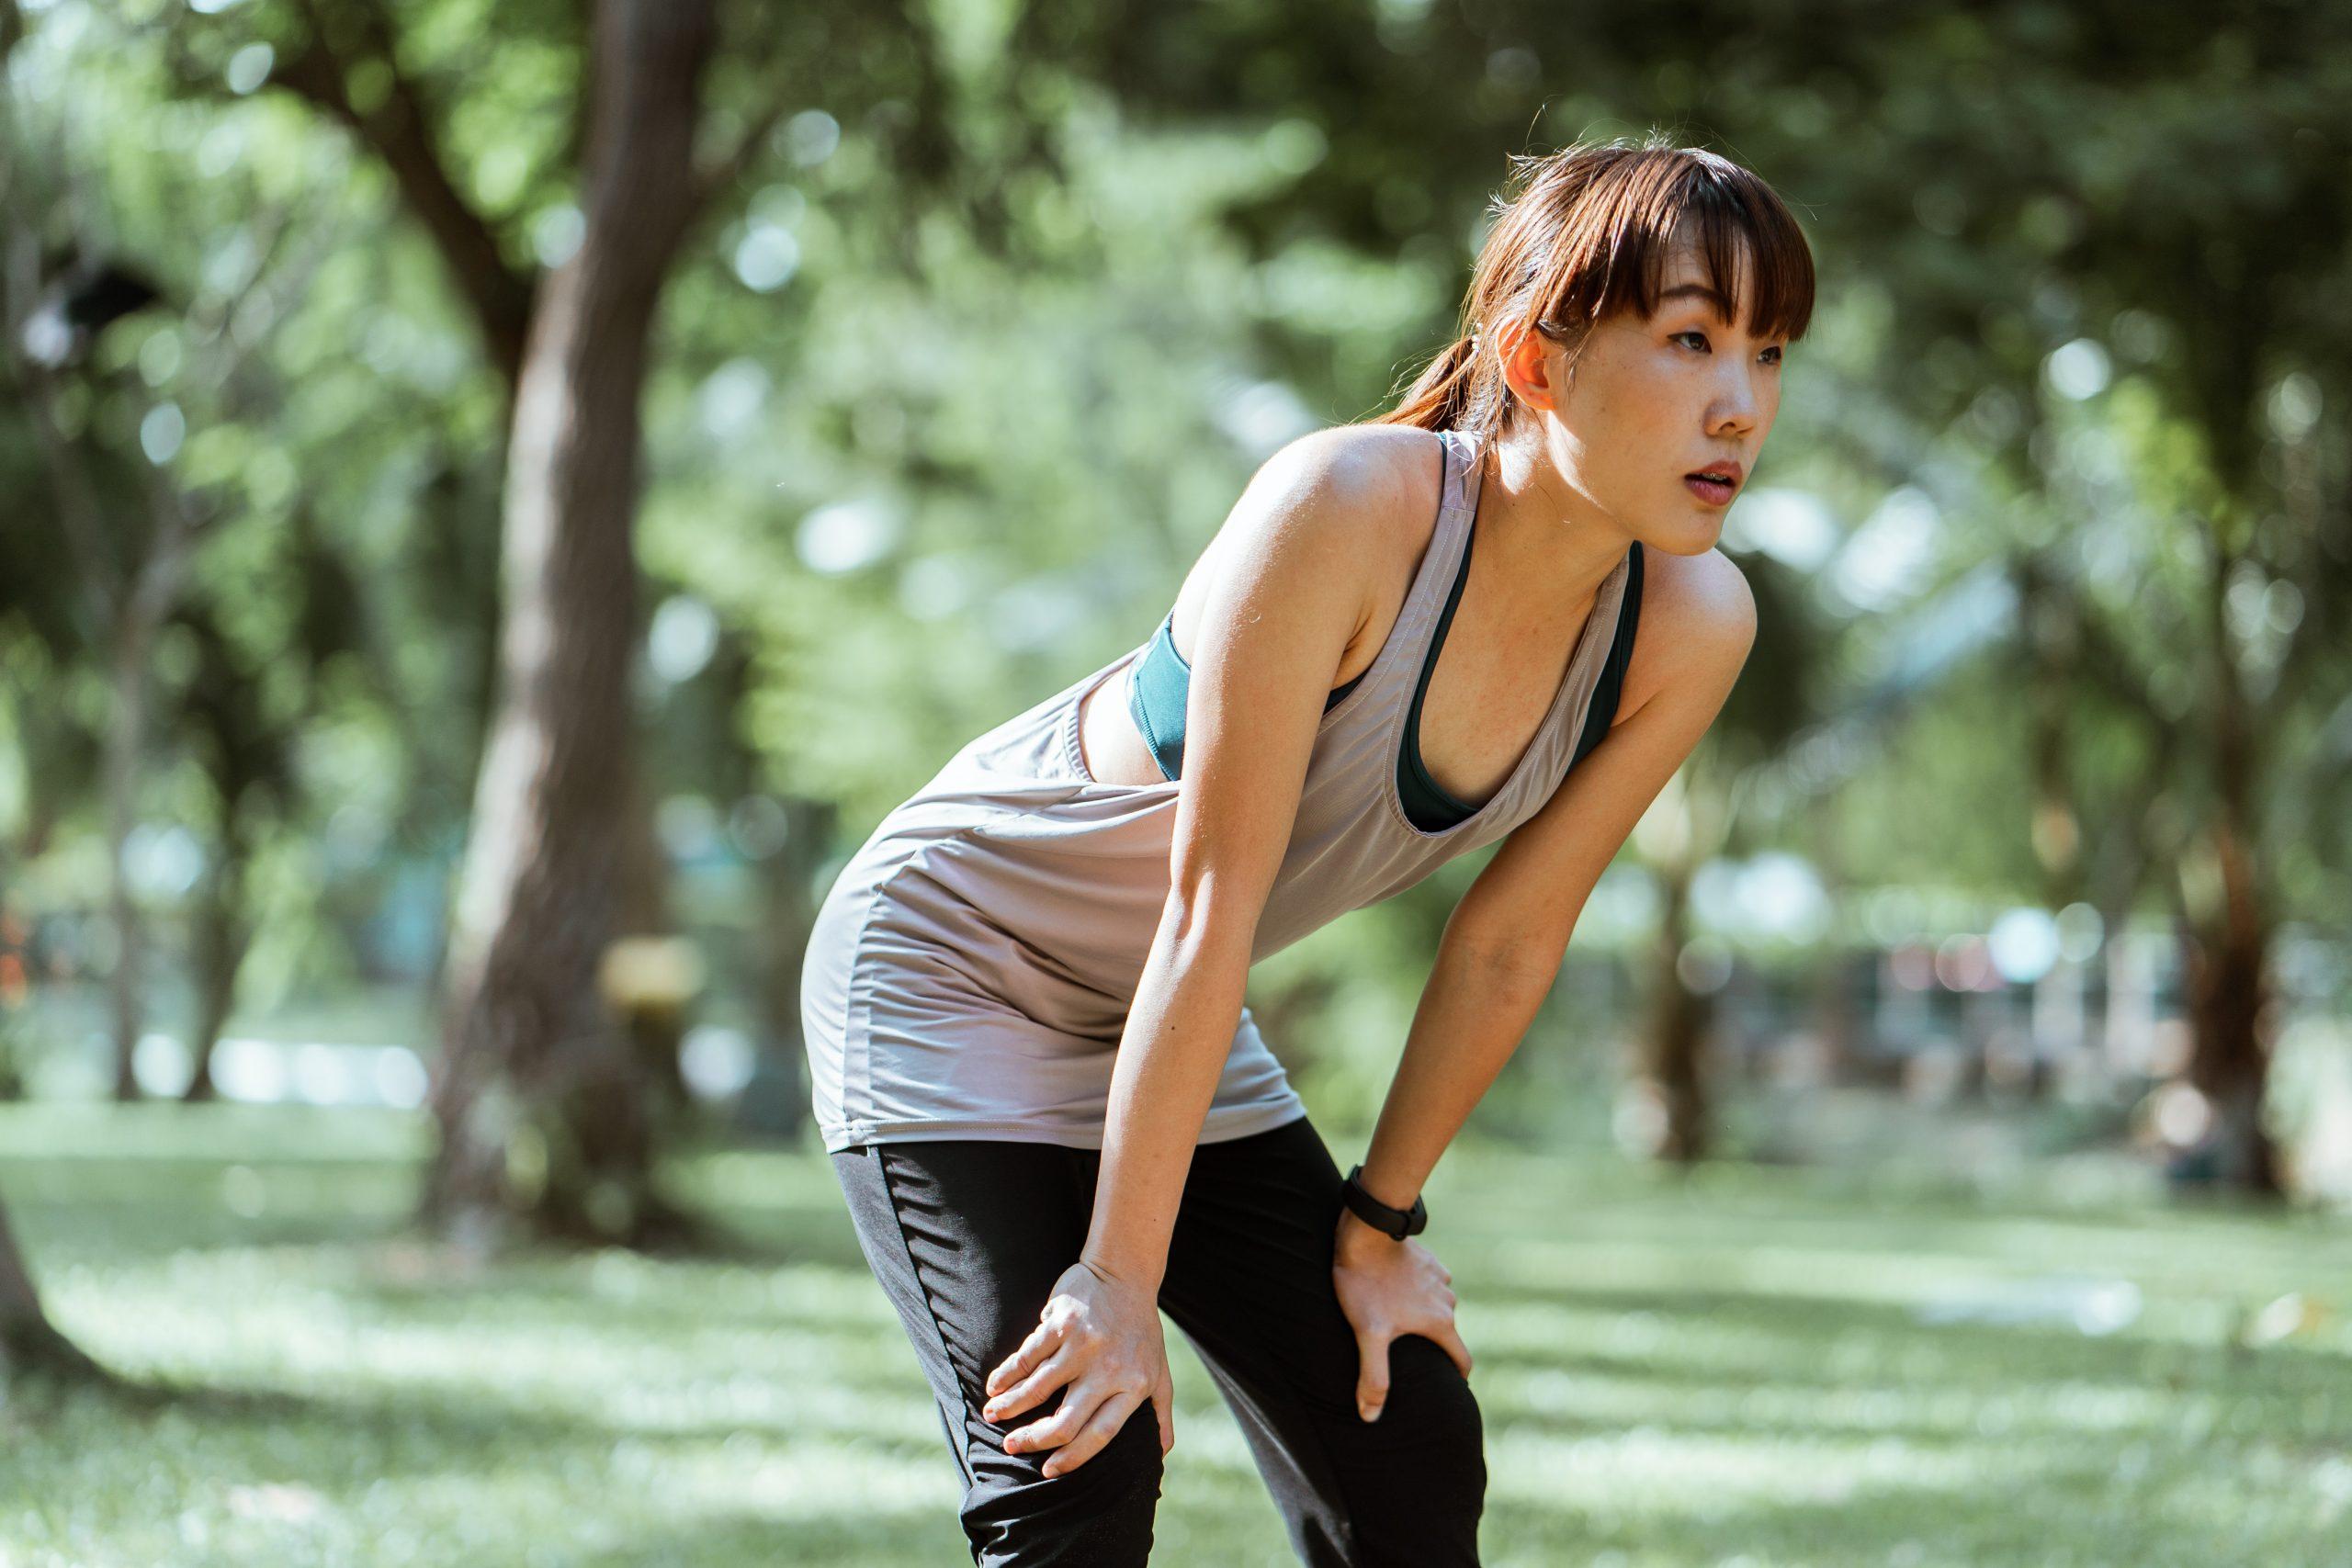 Imagem de uma mulher demonstrando cansaço enquanto se exercita.